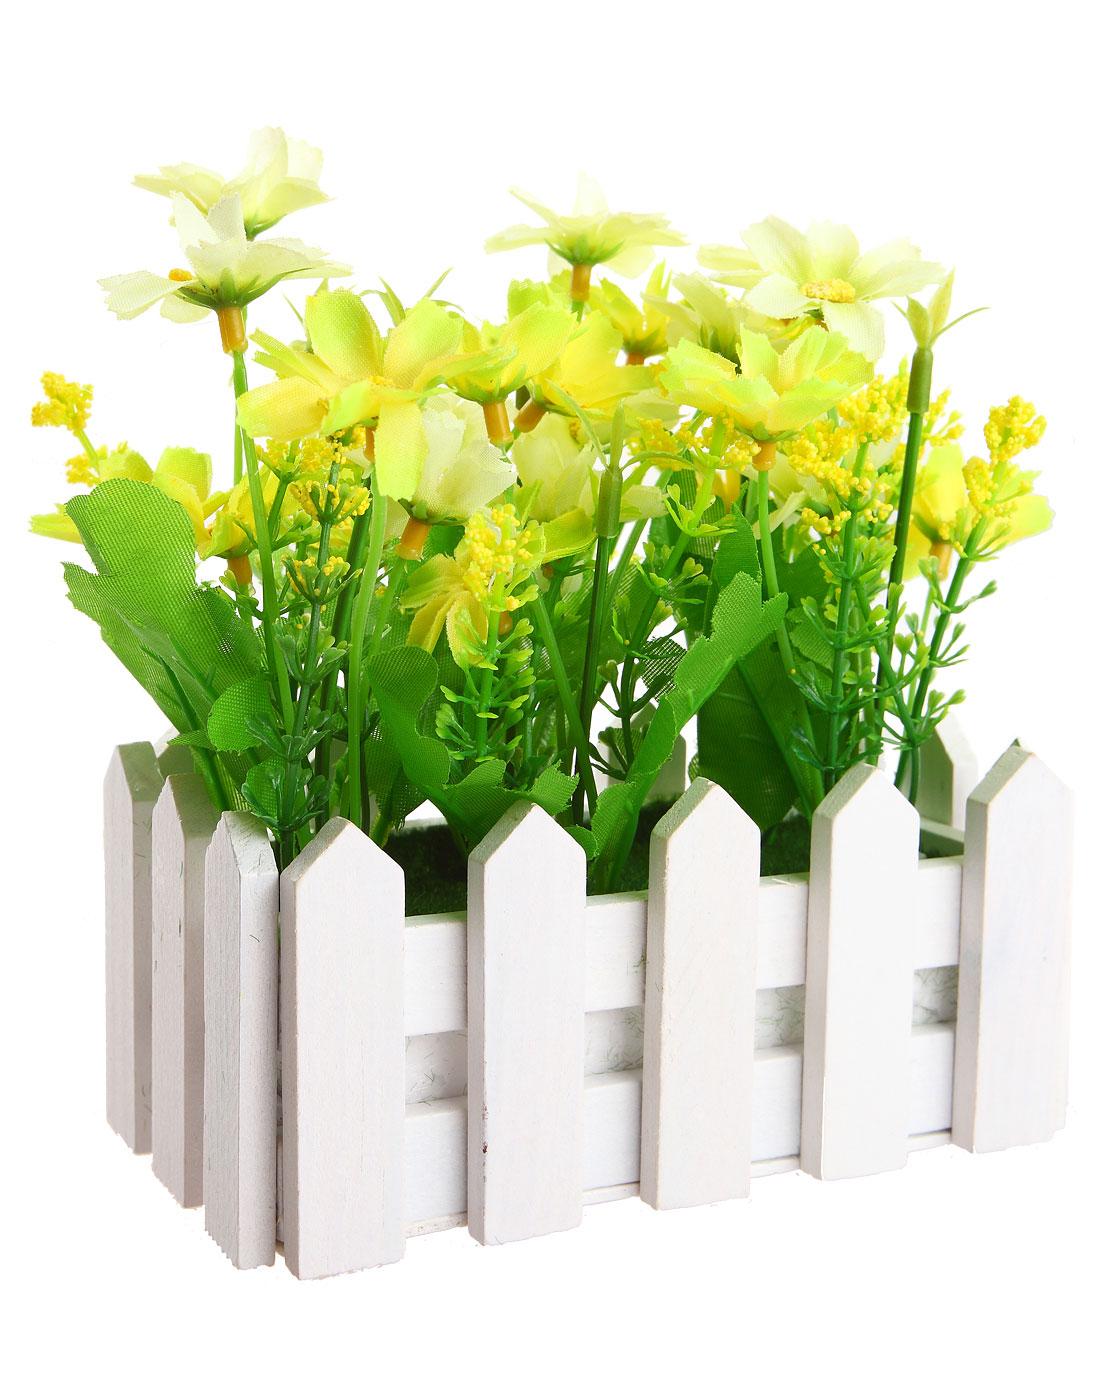 h&3家居用品专场白色长款欧式白栅栏仿真装饰花